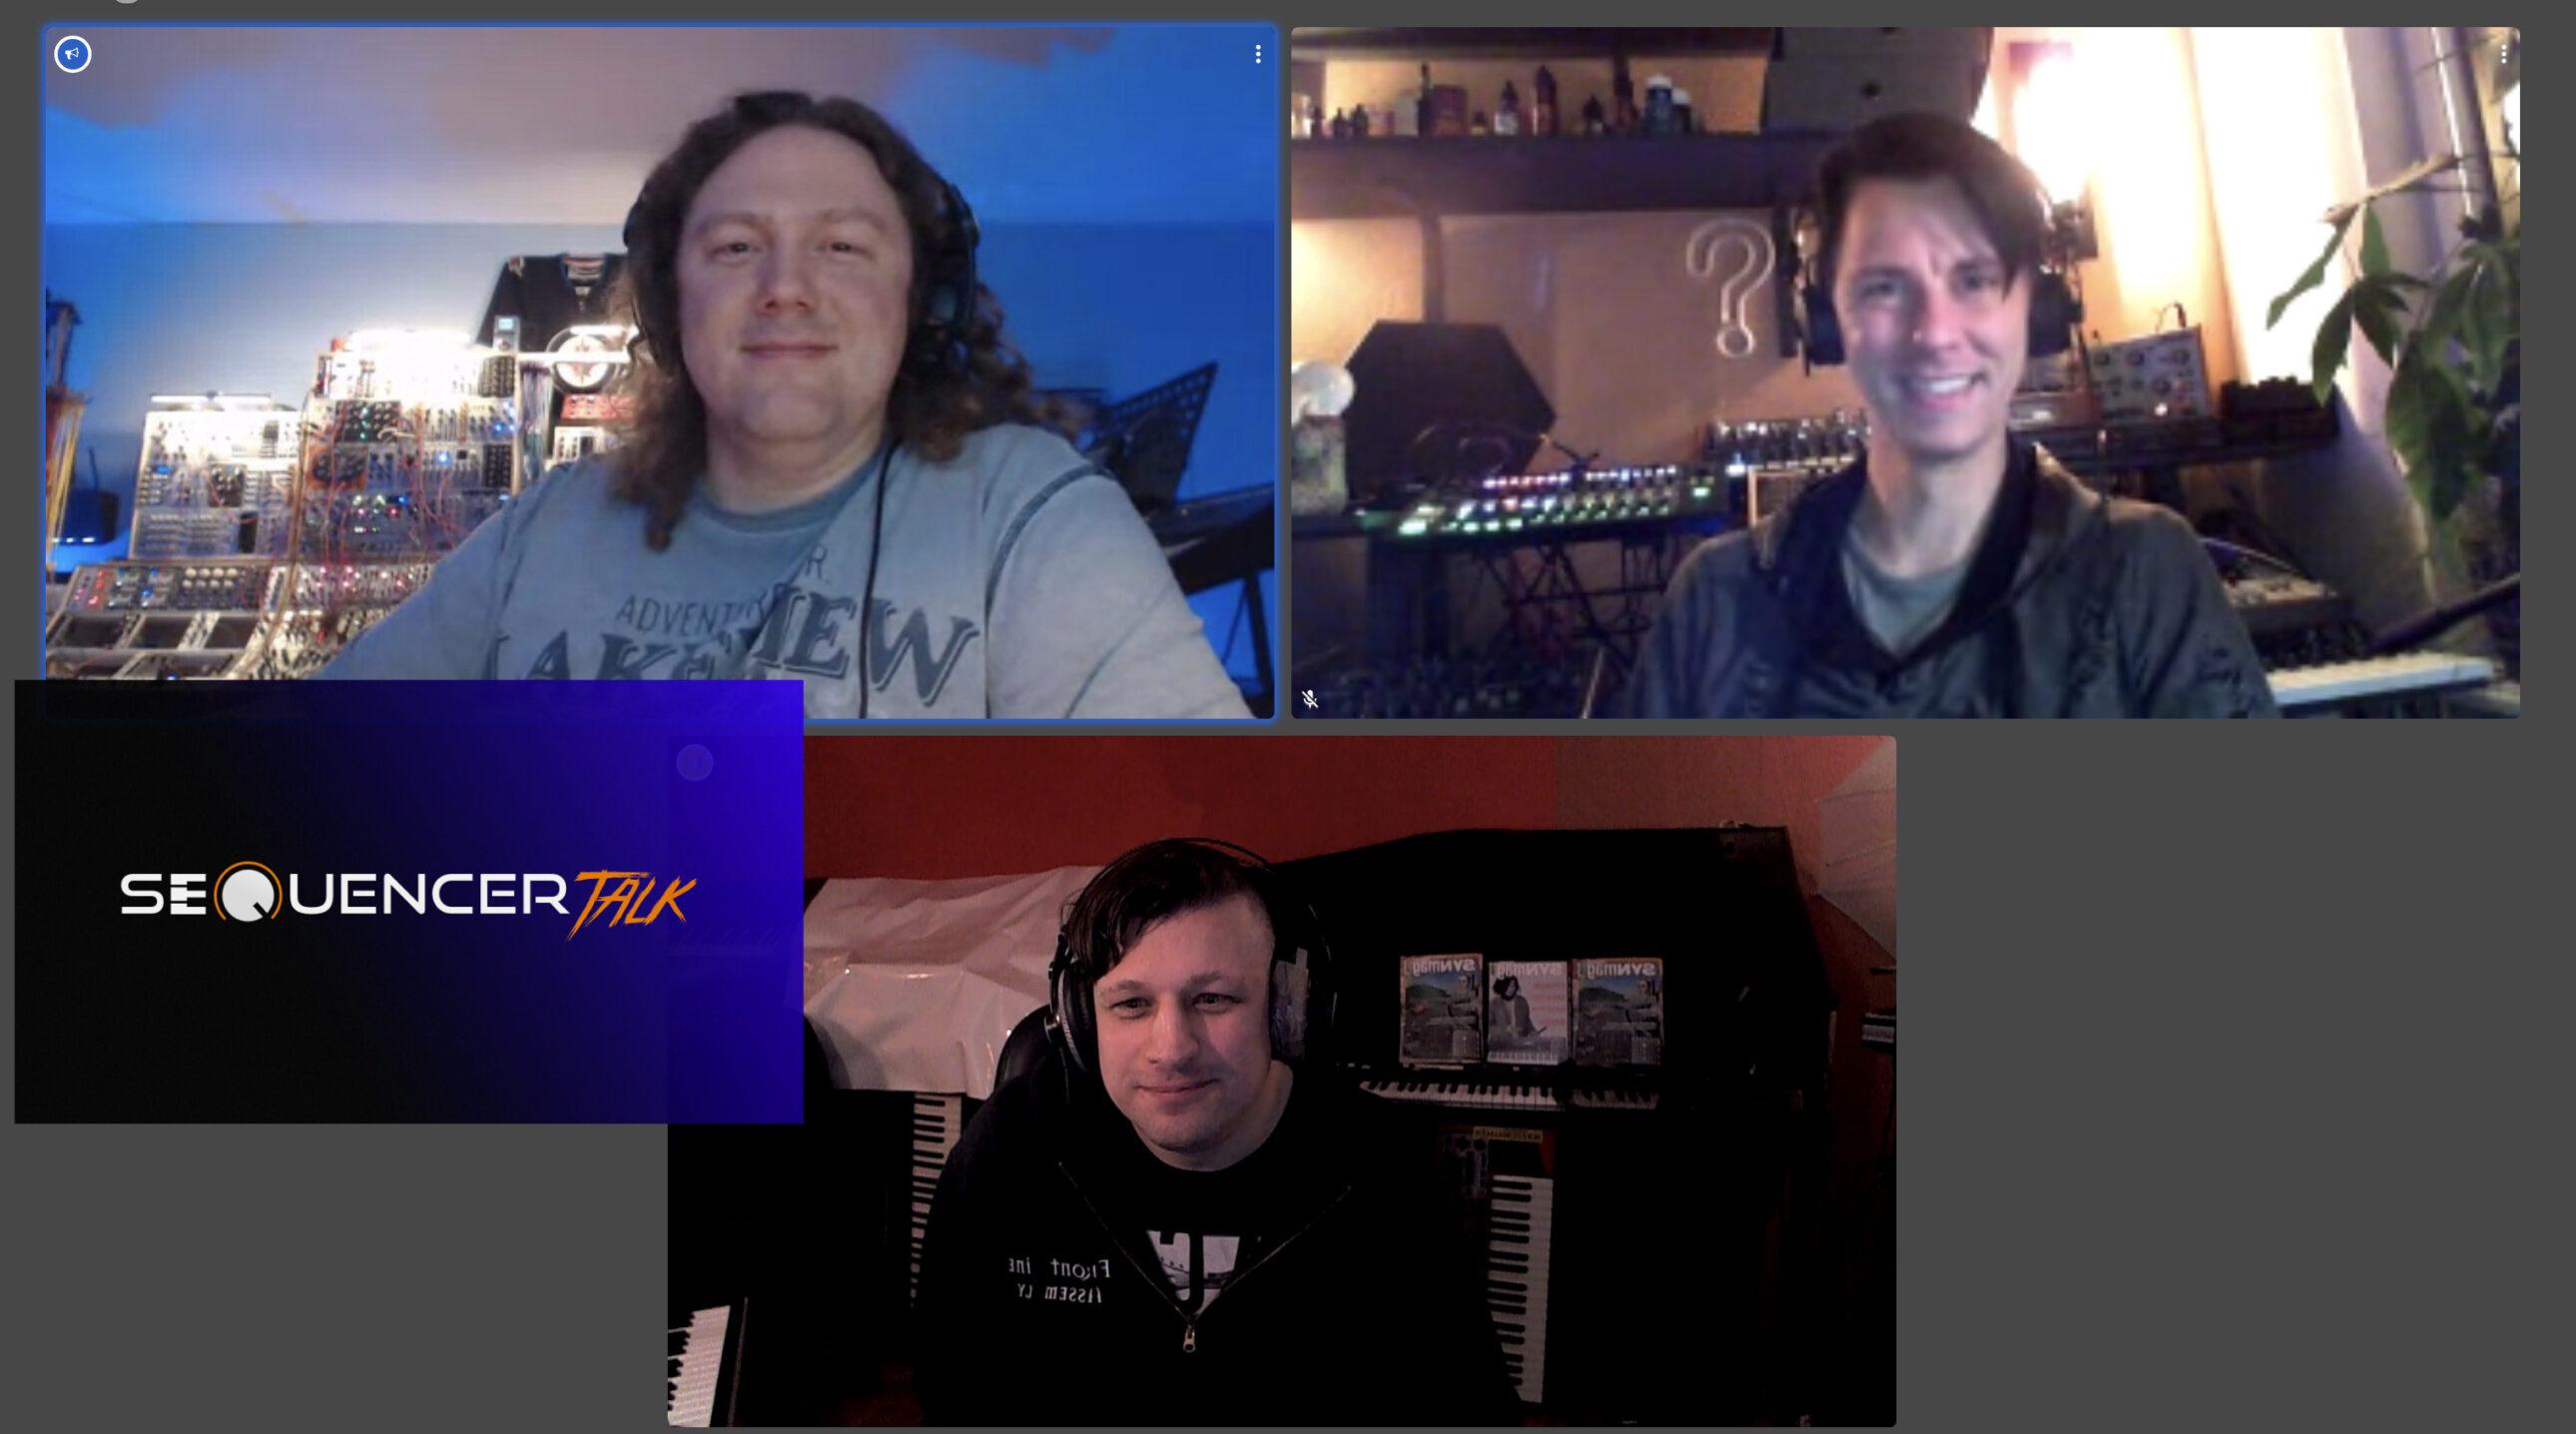 Sequencer Talk 3 Videotalk